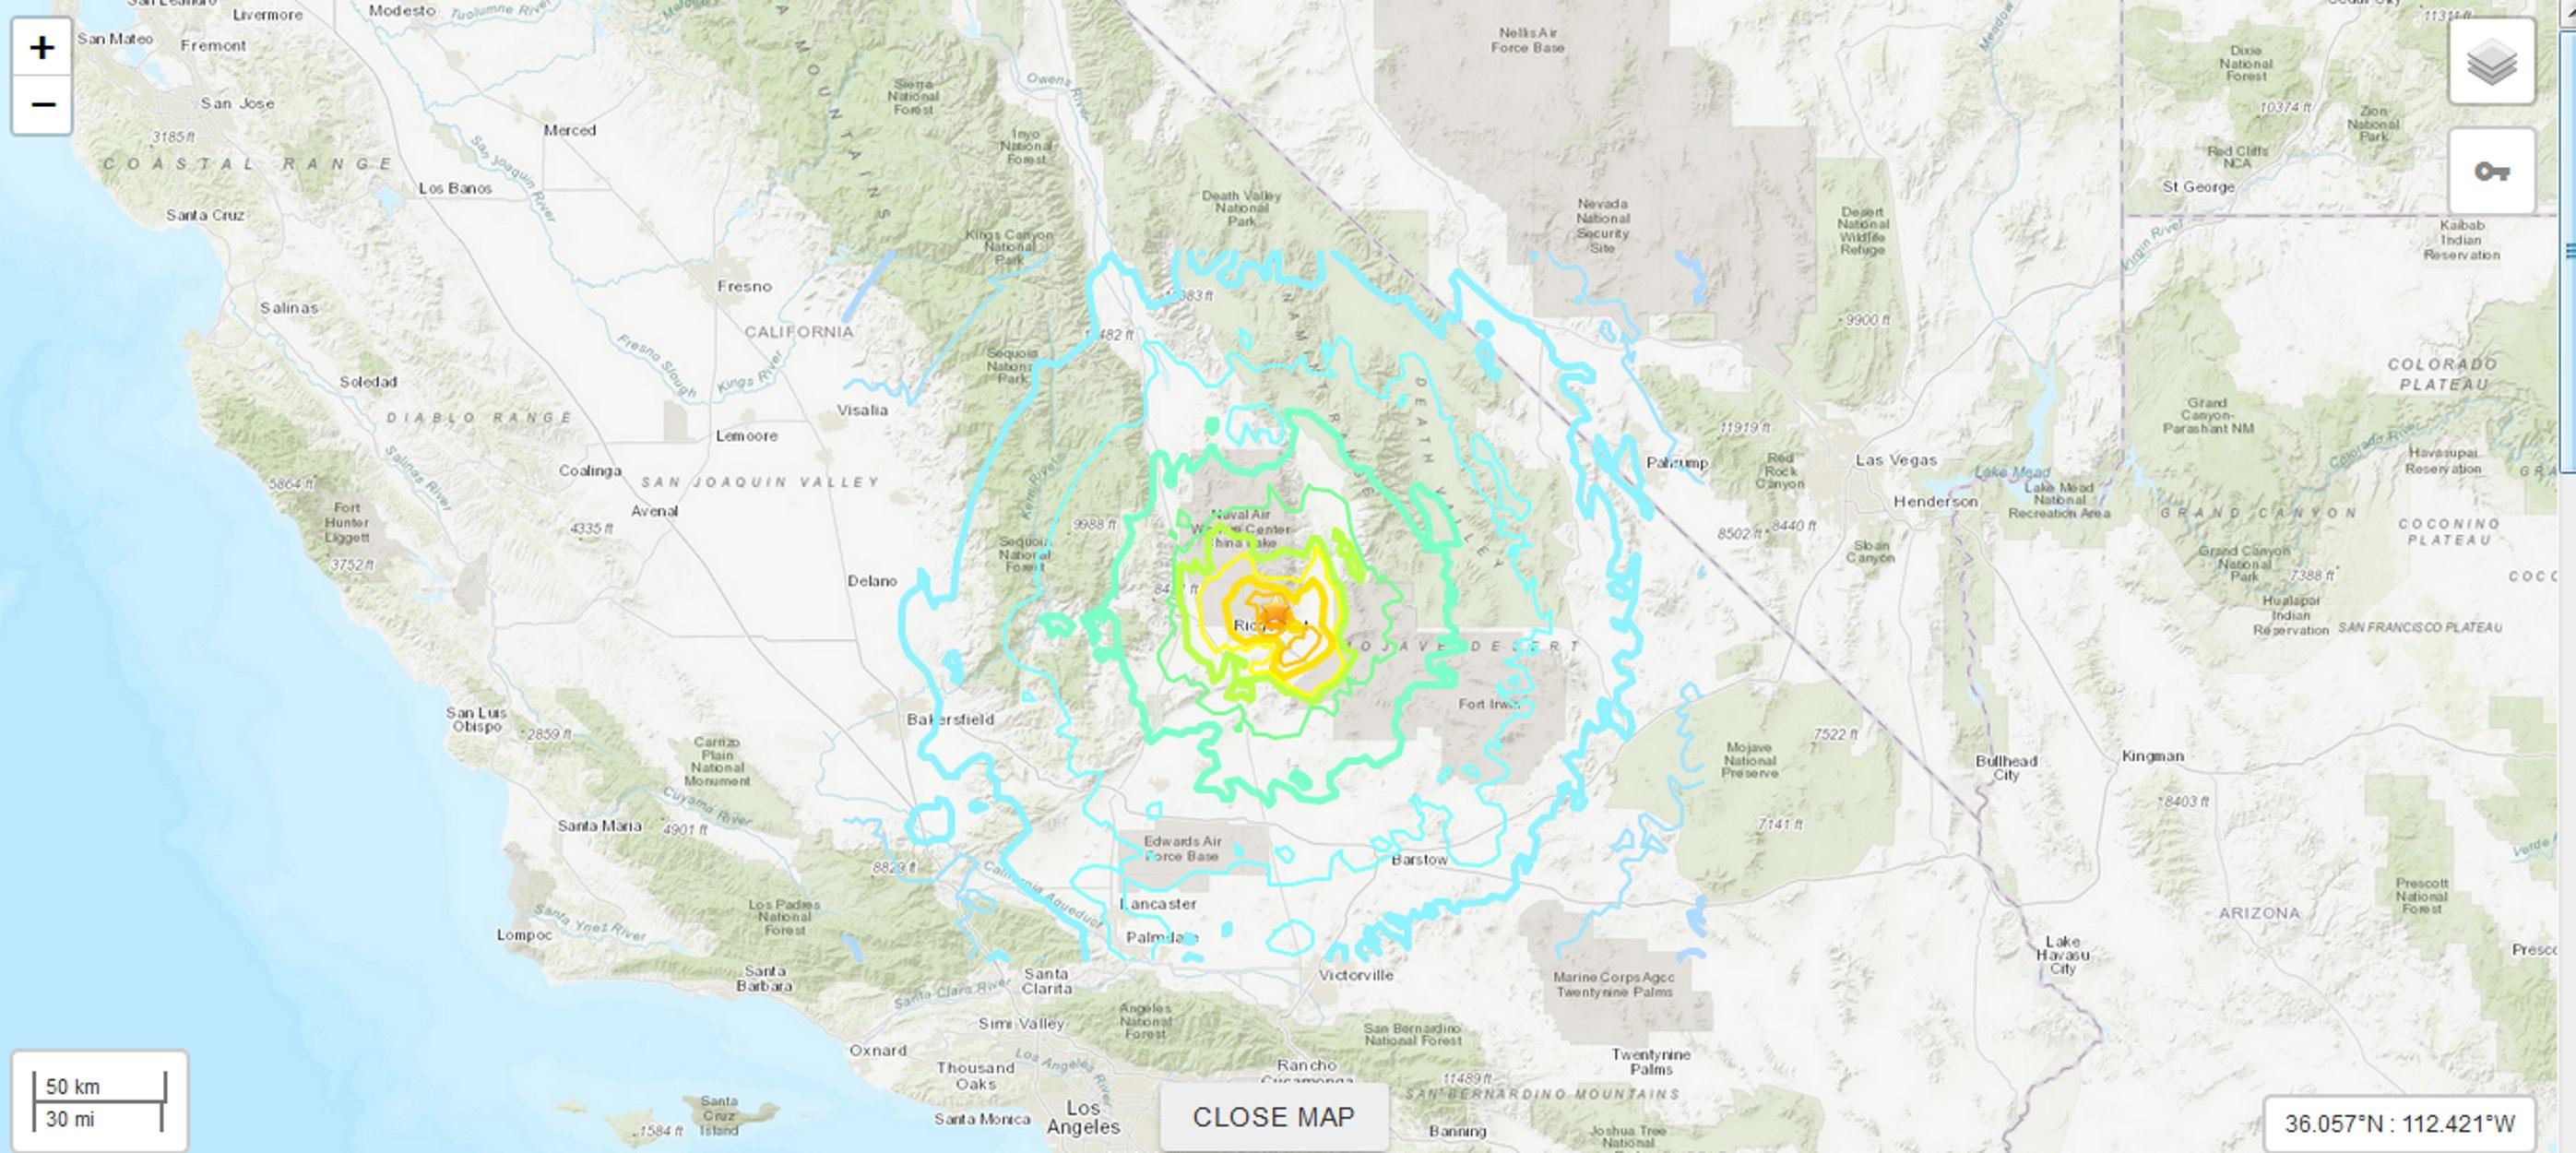 Πολύ ισχυρός σεισμός μεγέθους 6,6 Ρίχτερ στην Καλιφόρνια